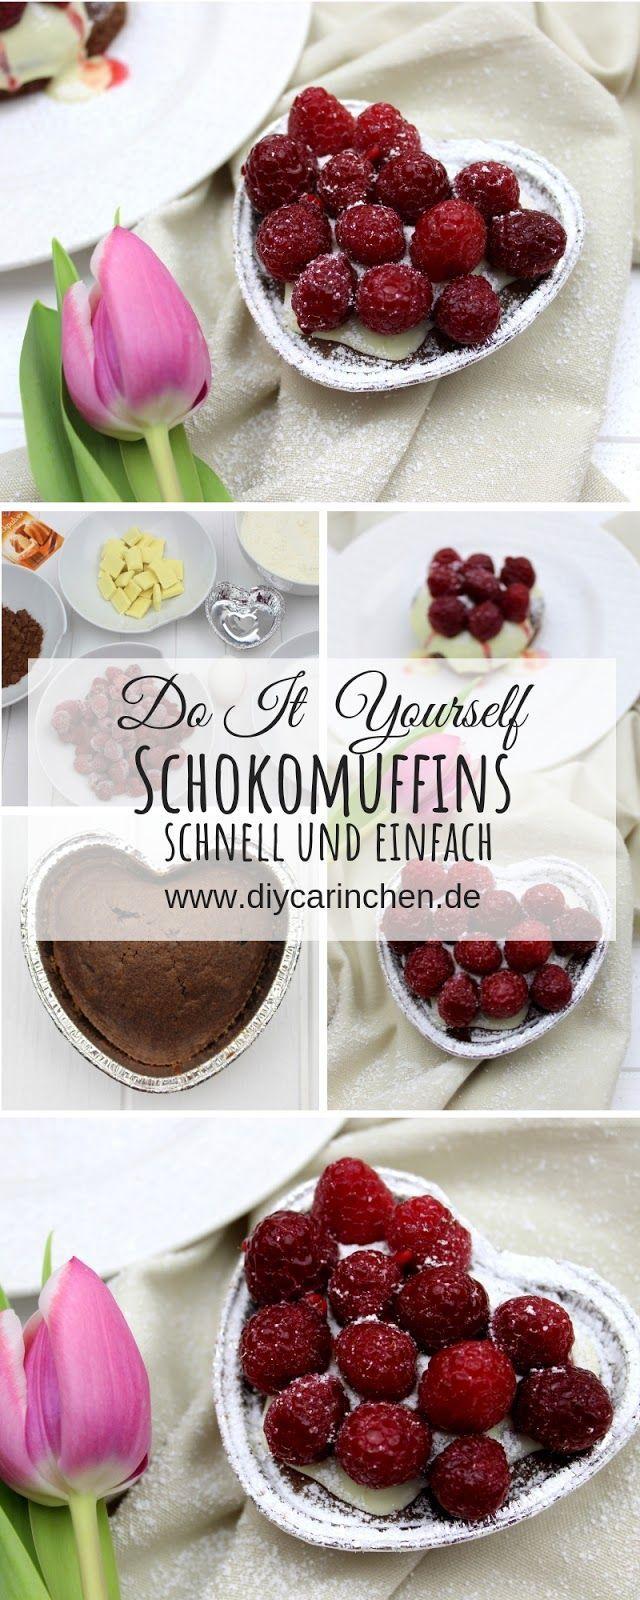 Rezept: Schokomuffin mit einem Topping aus Himbeeren und weißer Schokolade – perfekt für den Muttertag oder Valentinstag